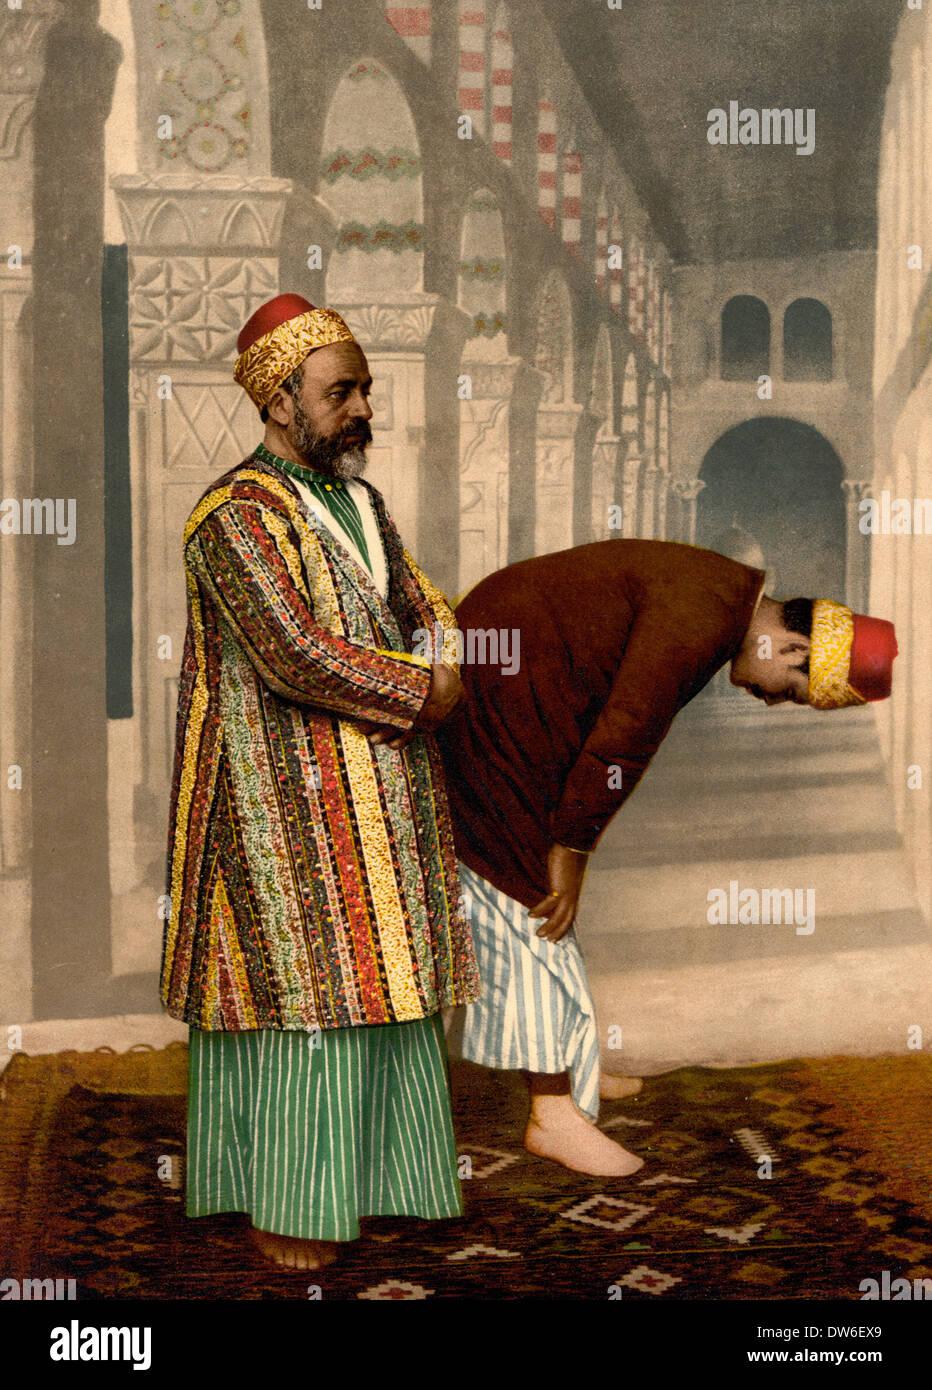 Muslims praying, Holy Land, circa 1900 - Stock Image